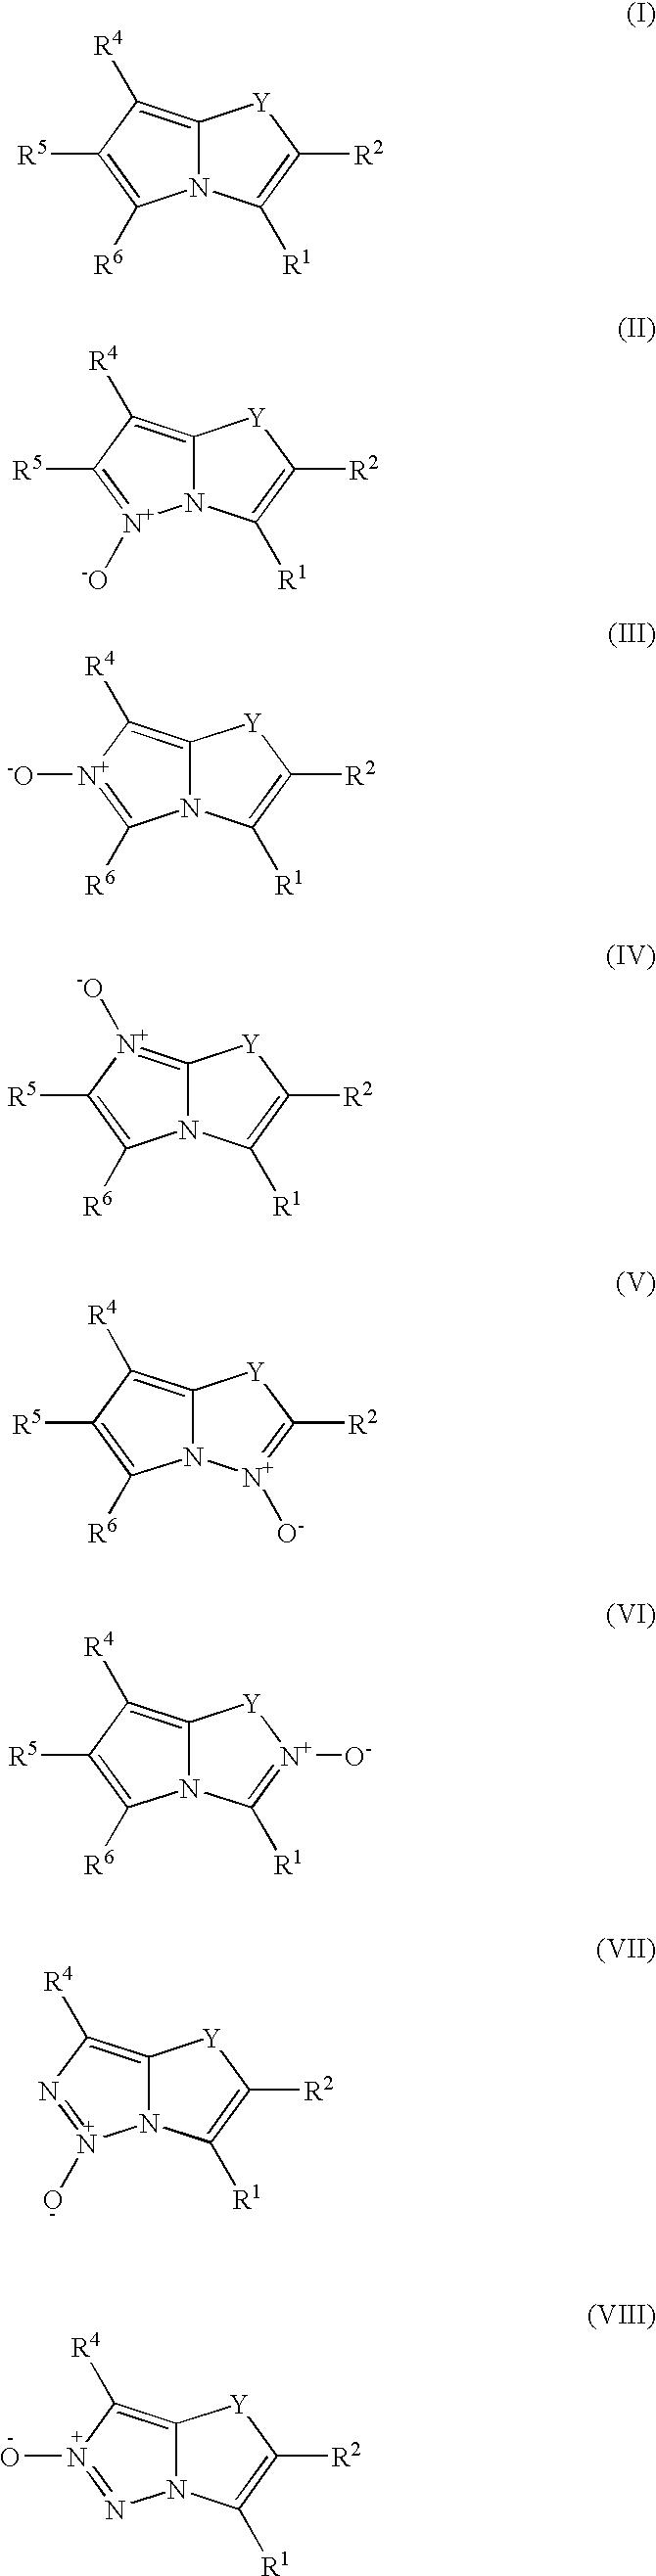 Figure US20060156483A1-20060720-C00029